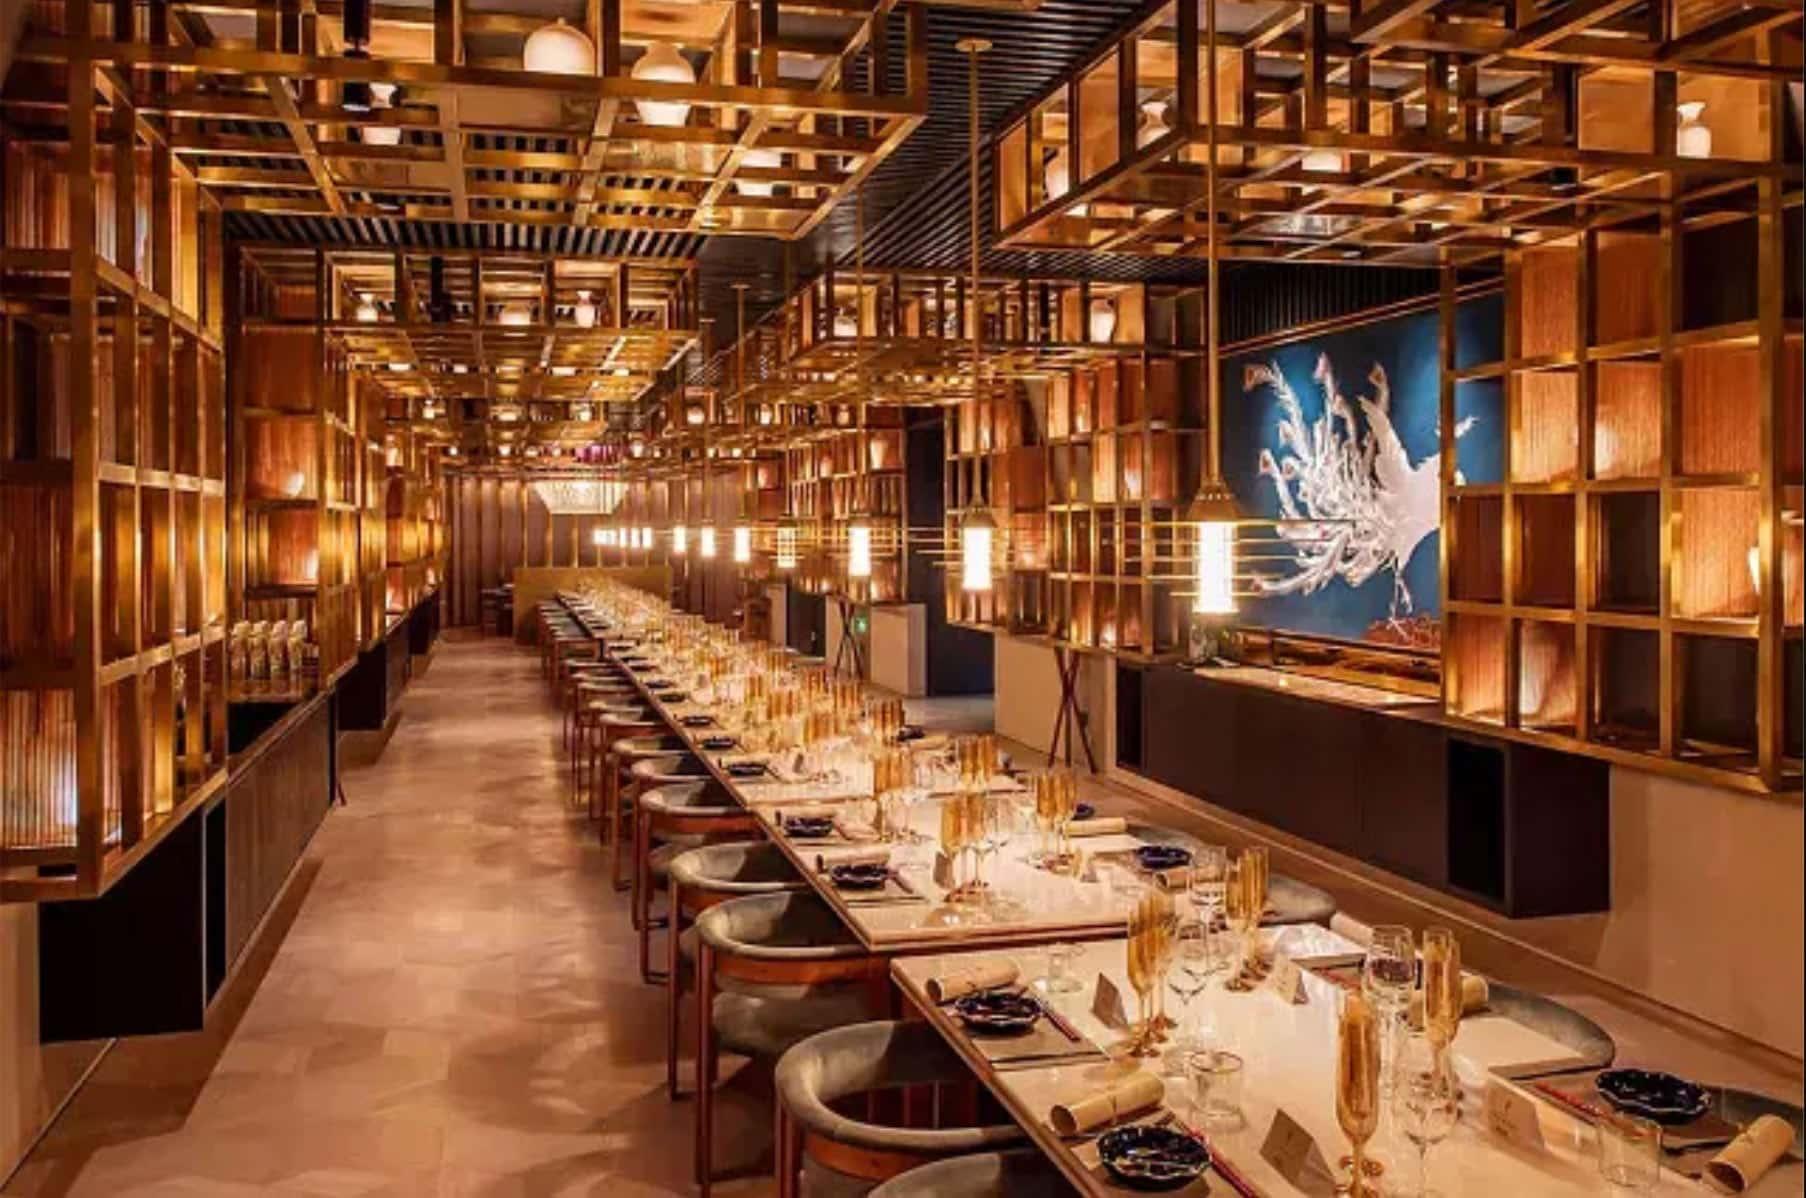 shanghai design guide Shanghai Design Guide Shanghai Design Guide the peacock room shanghai final min